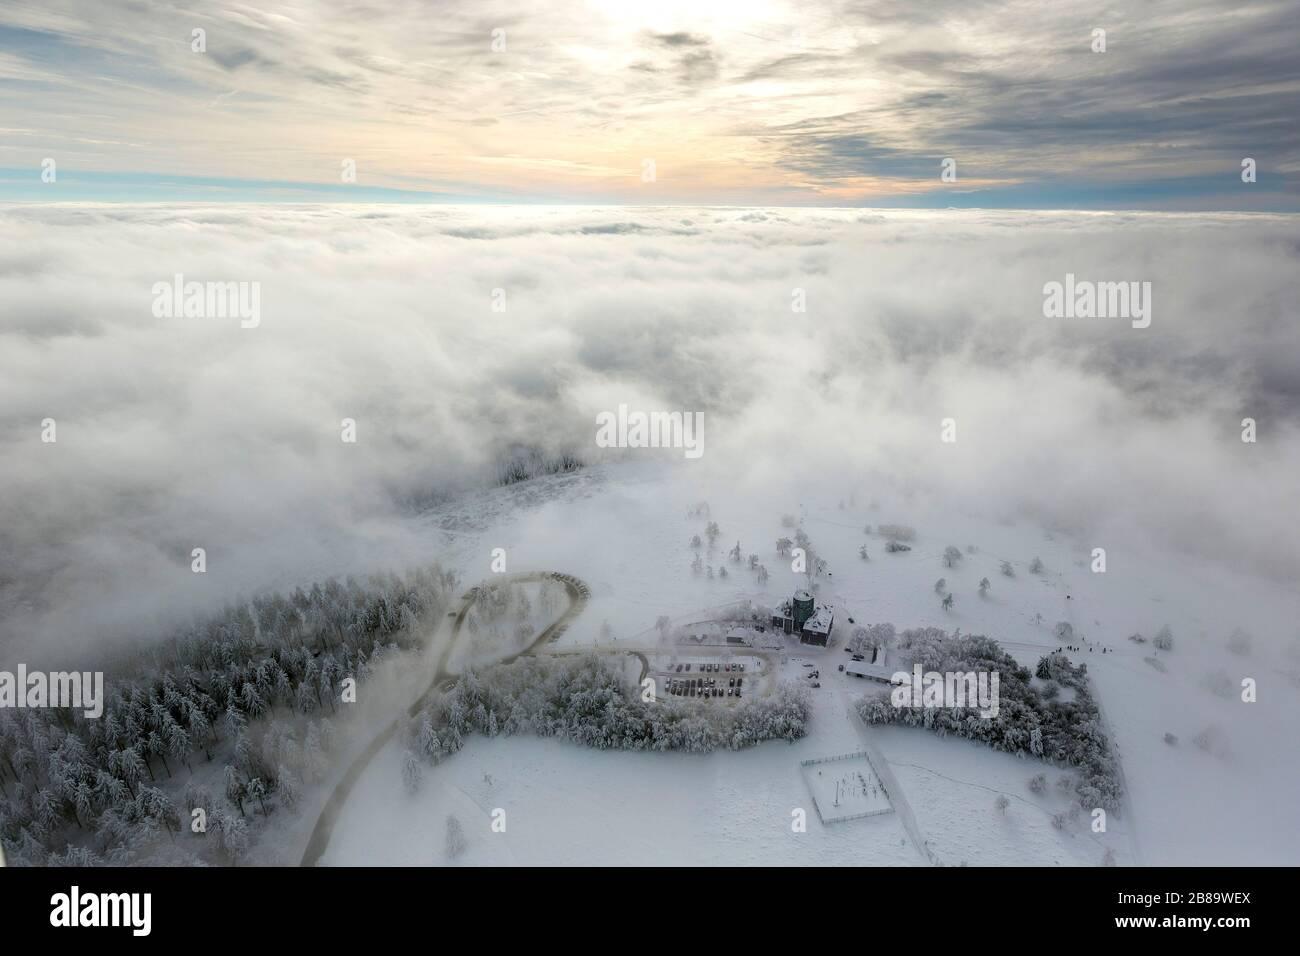 , hotel-restaurante de invierno y Asten Tower en la montaña cubierta de nieve Kahler Asten en Winterberg, 26.01.2013, vista aérea, Alemania, Renania del Norte-Westfalia, Winterberg Foto de stock